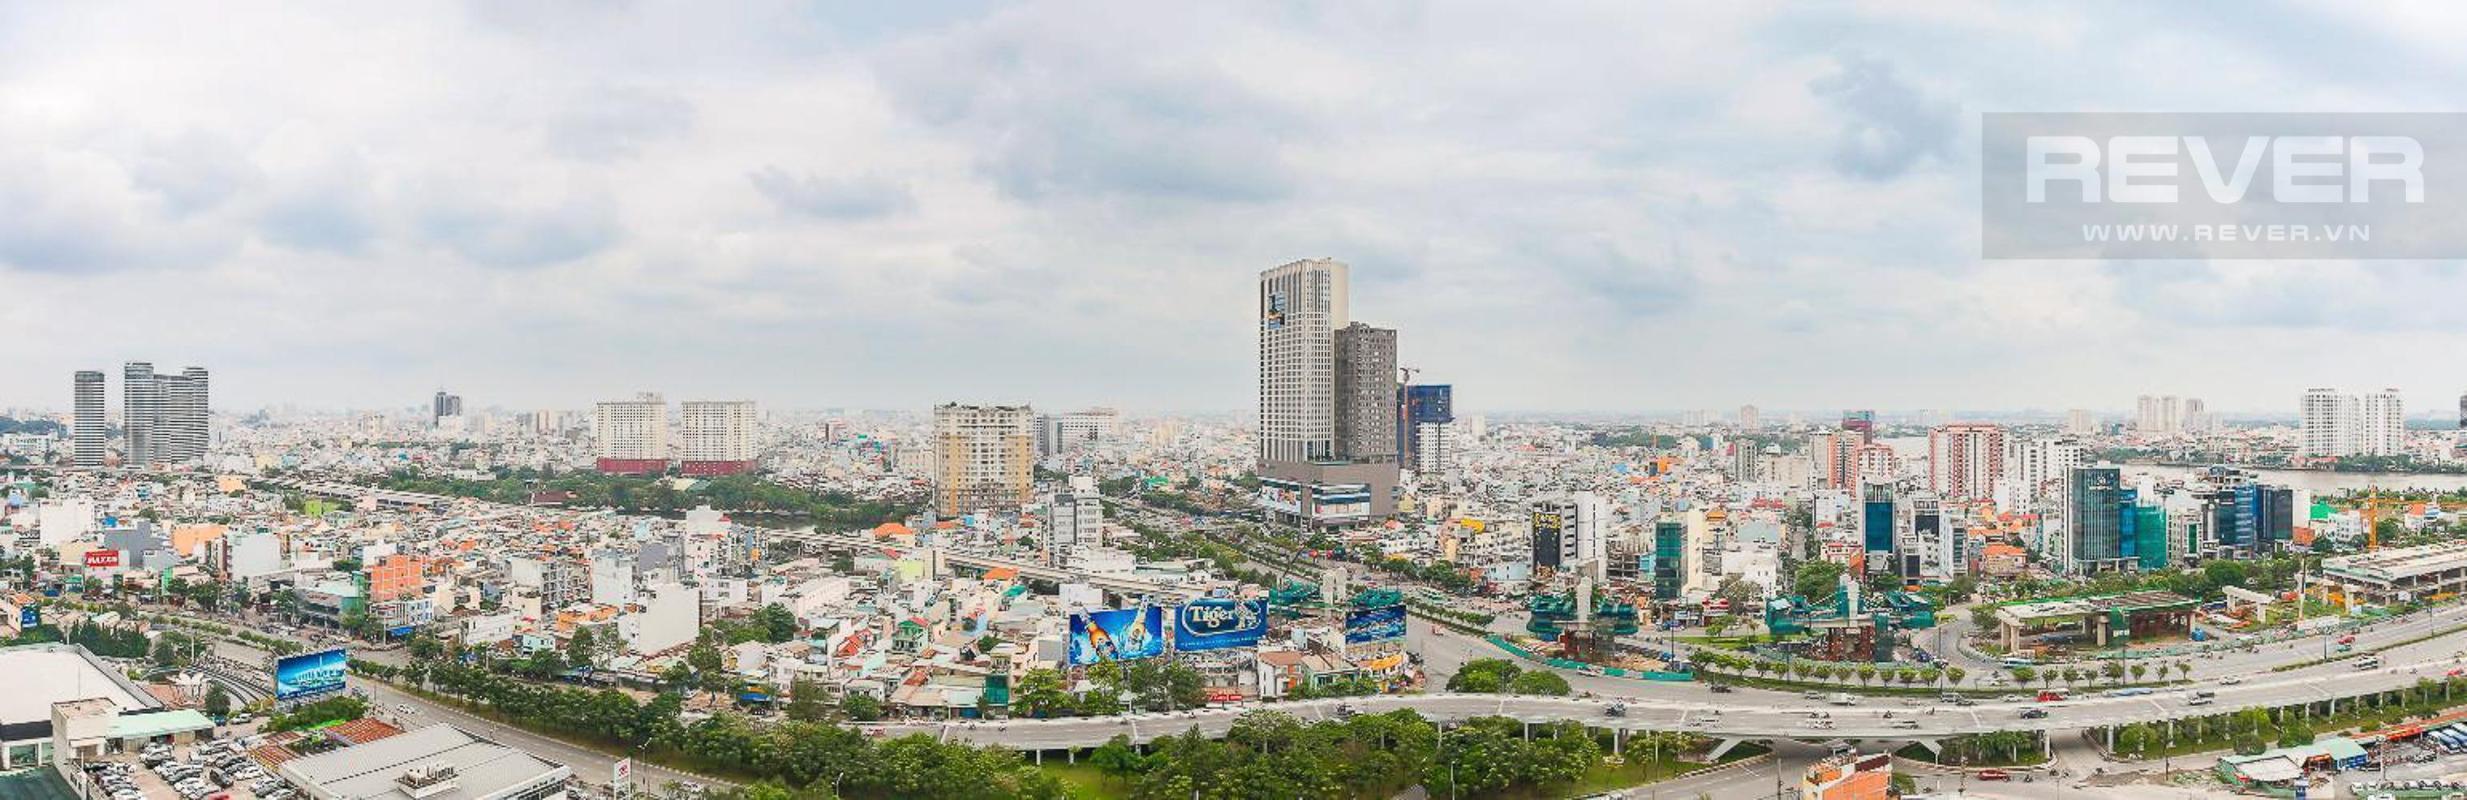 683fbfe640e5a6bbfff4 Bán căn hộ Vinhomes Central Park 3PN, tầng cao, nội thất cơ bản, view thành phố và sông Sài Gòn